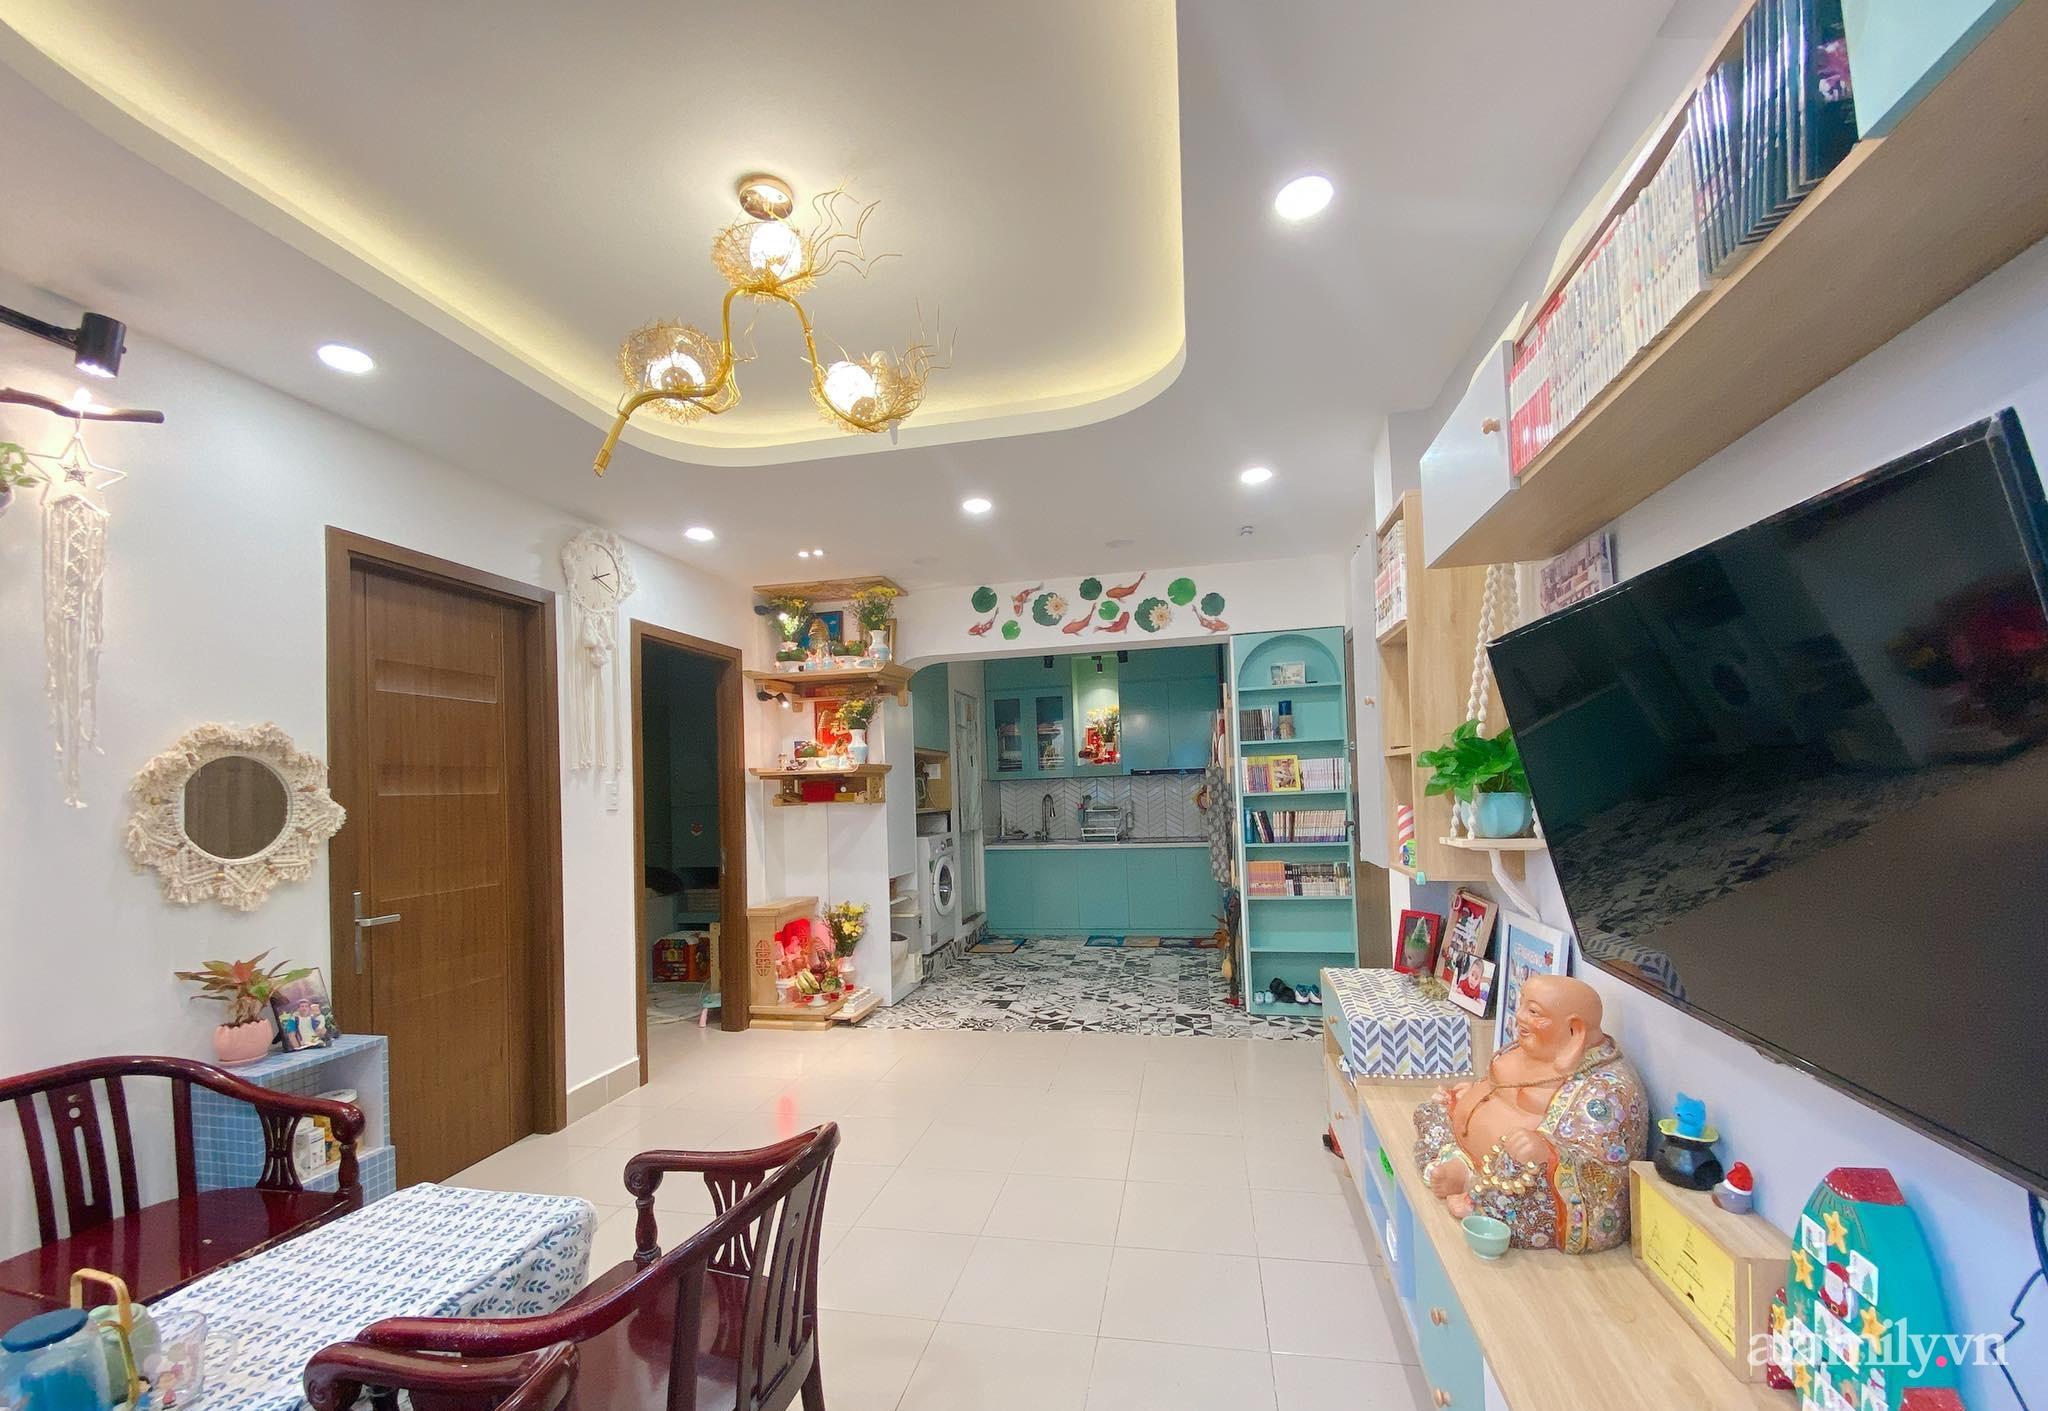 """Căn bếp chật chội được vợ """"thuyết phục"""" chồng đập đi cải tạo lại thành không gian tiện nghi với chi phí hơn 90 triệu đồng ở Hà Nội - Ảnh 1."""